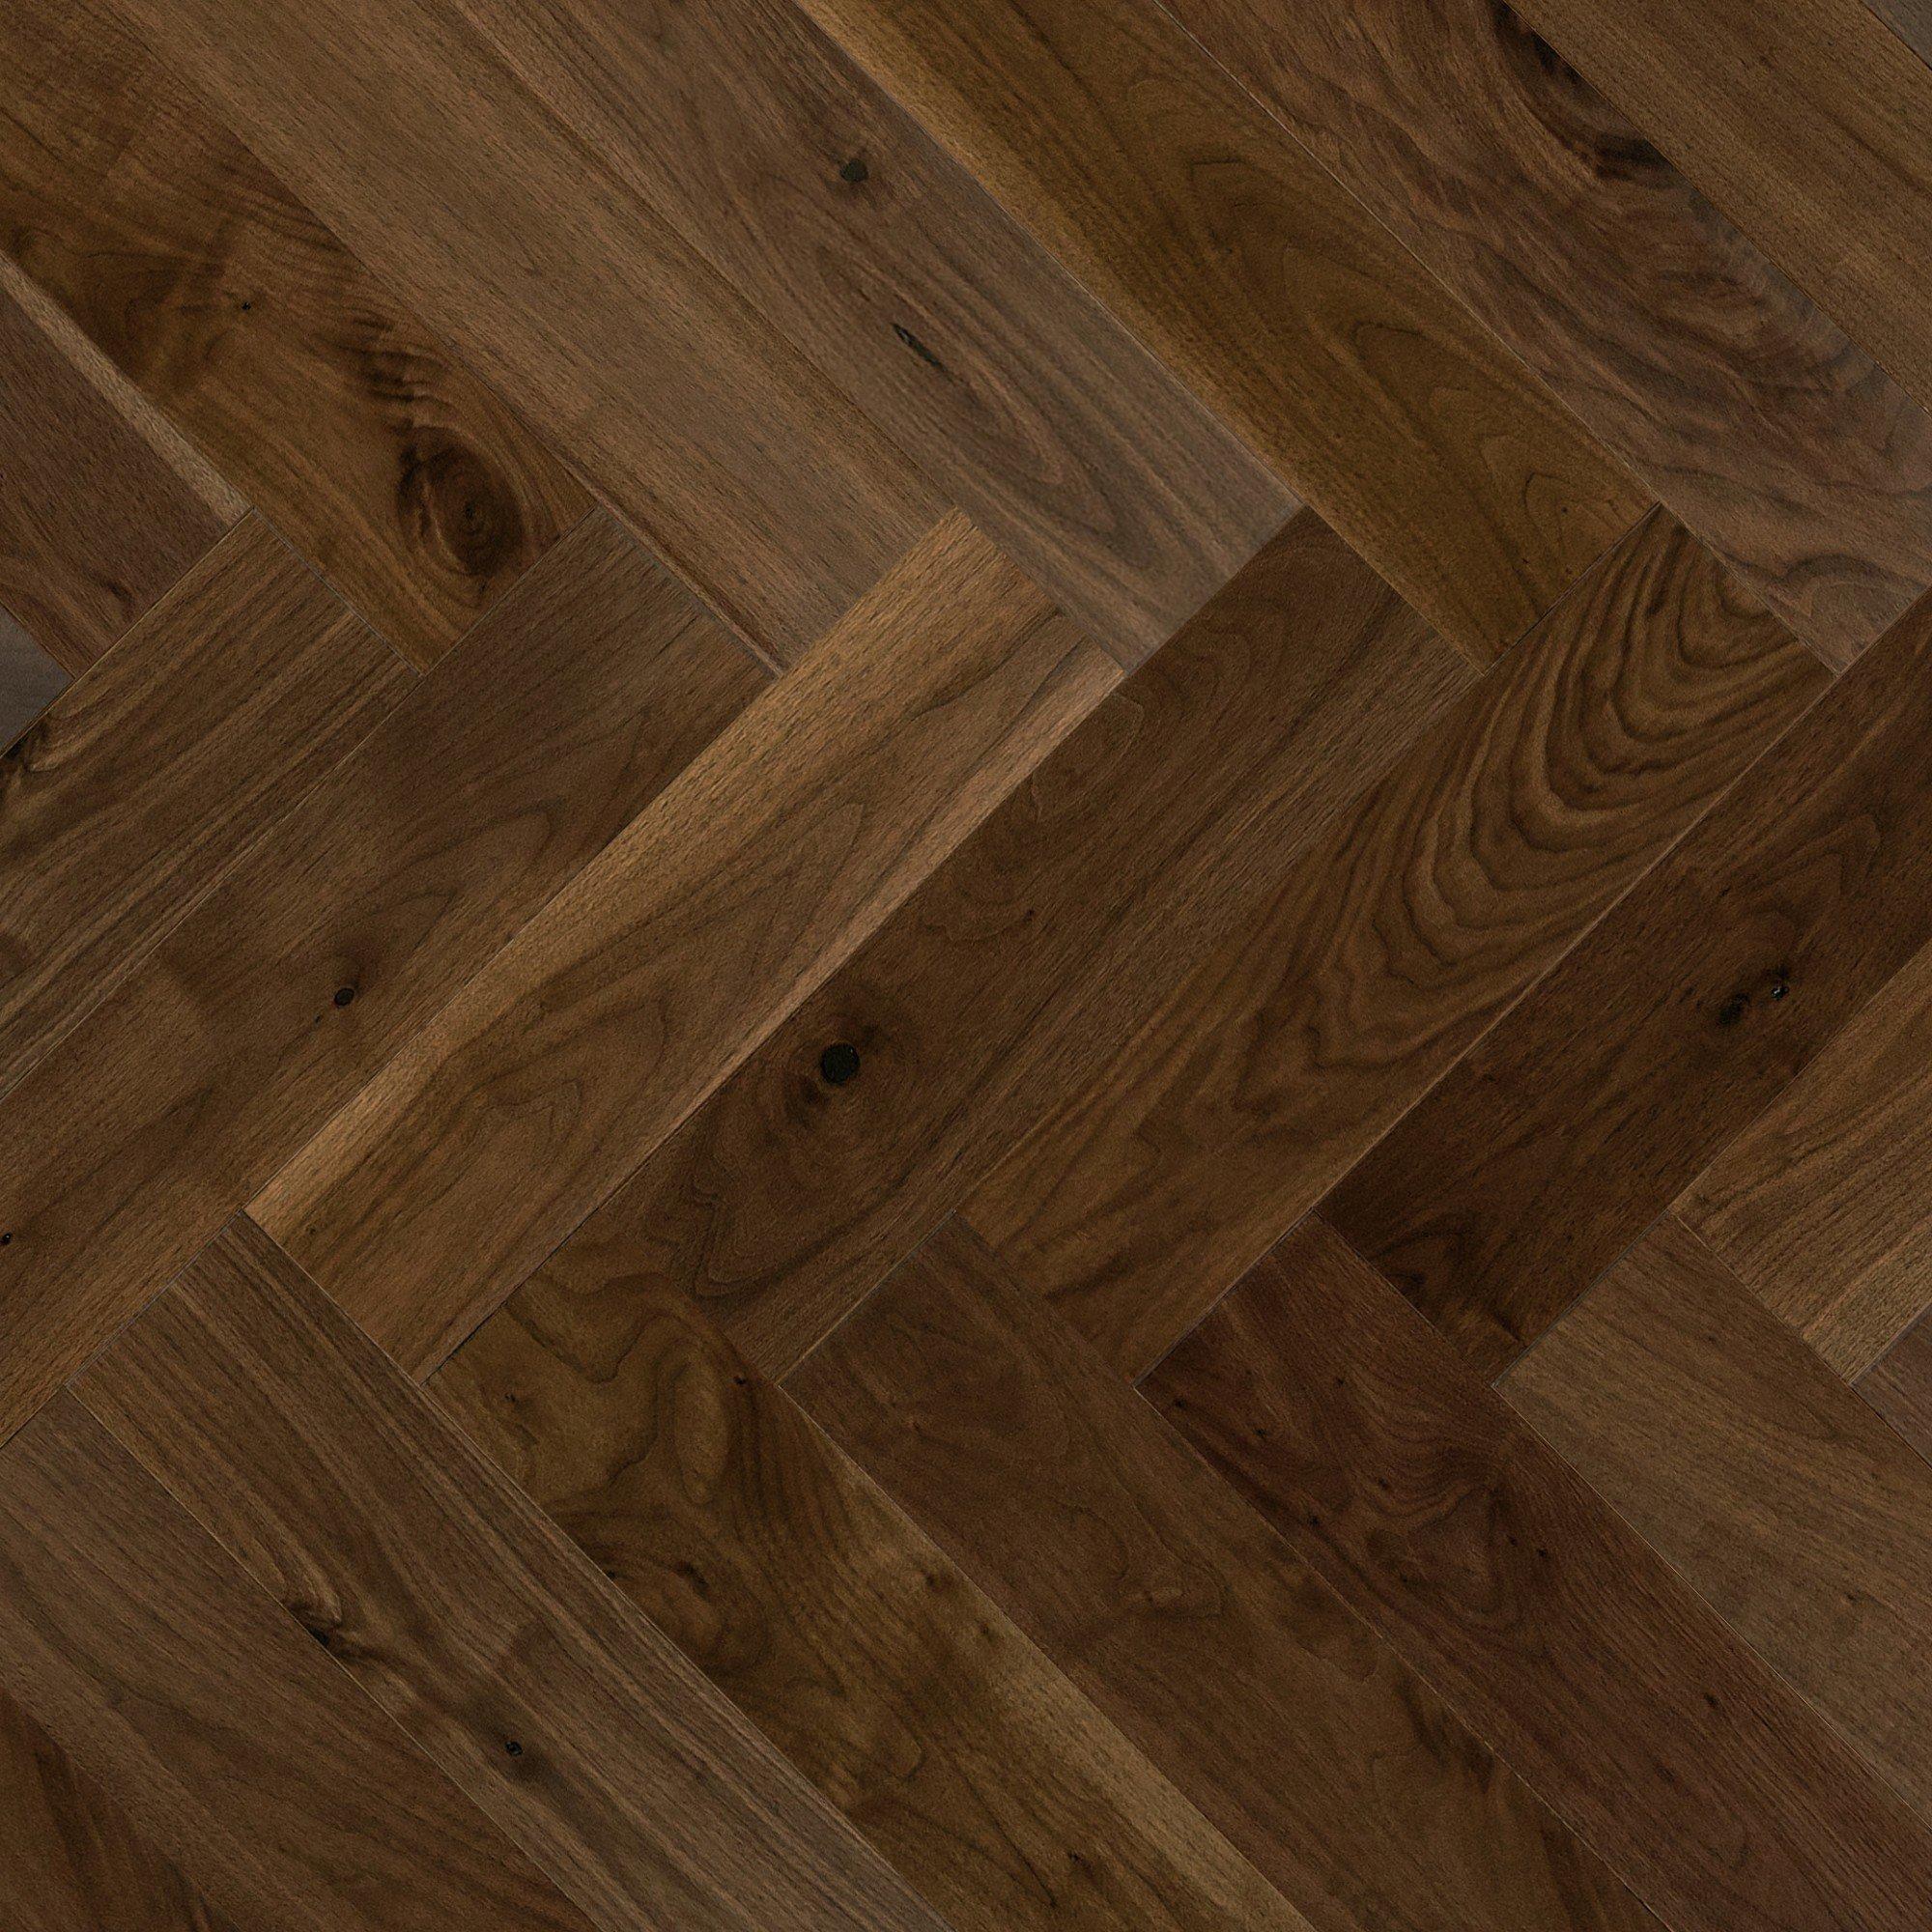 Walnut Savanna Character Smooth - Floor image